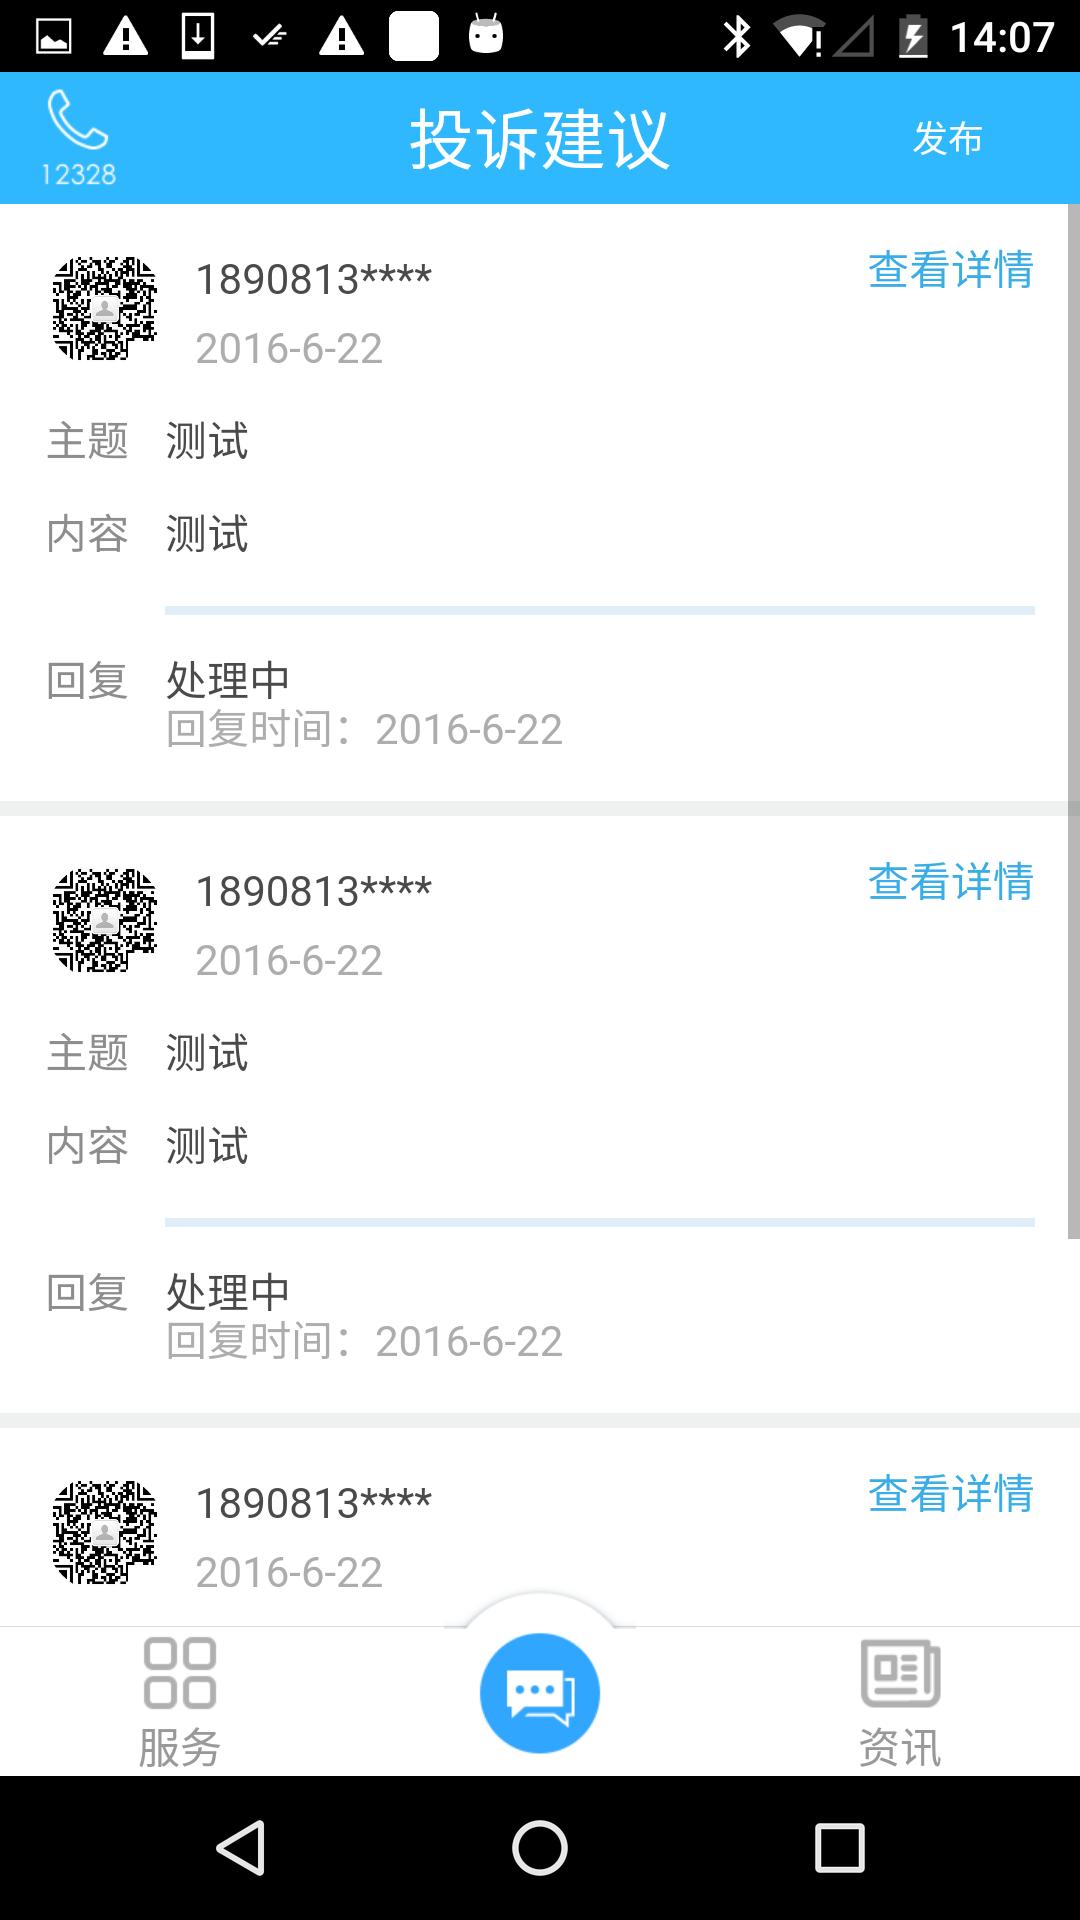 乐山交通APP V3.32 安卓版截图3